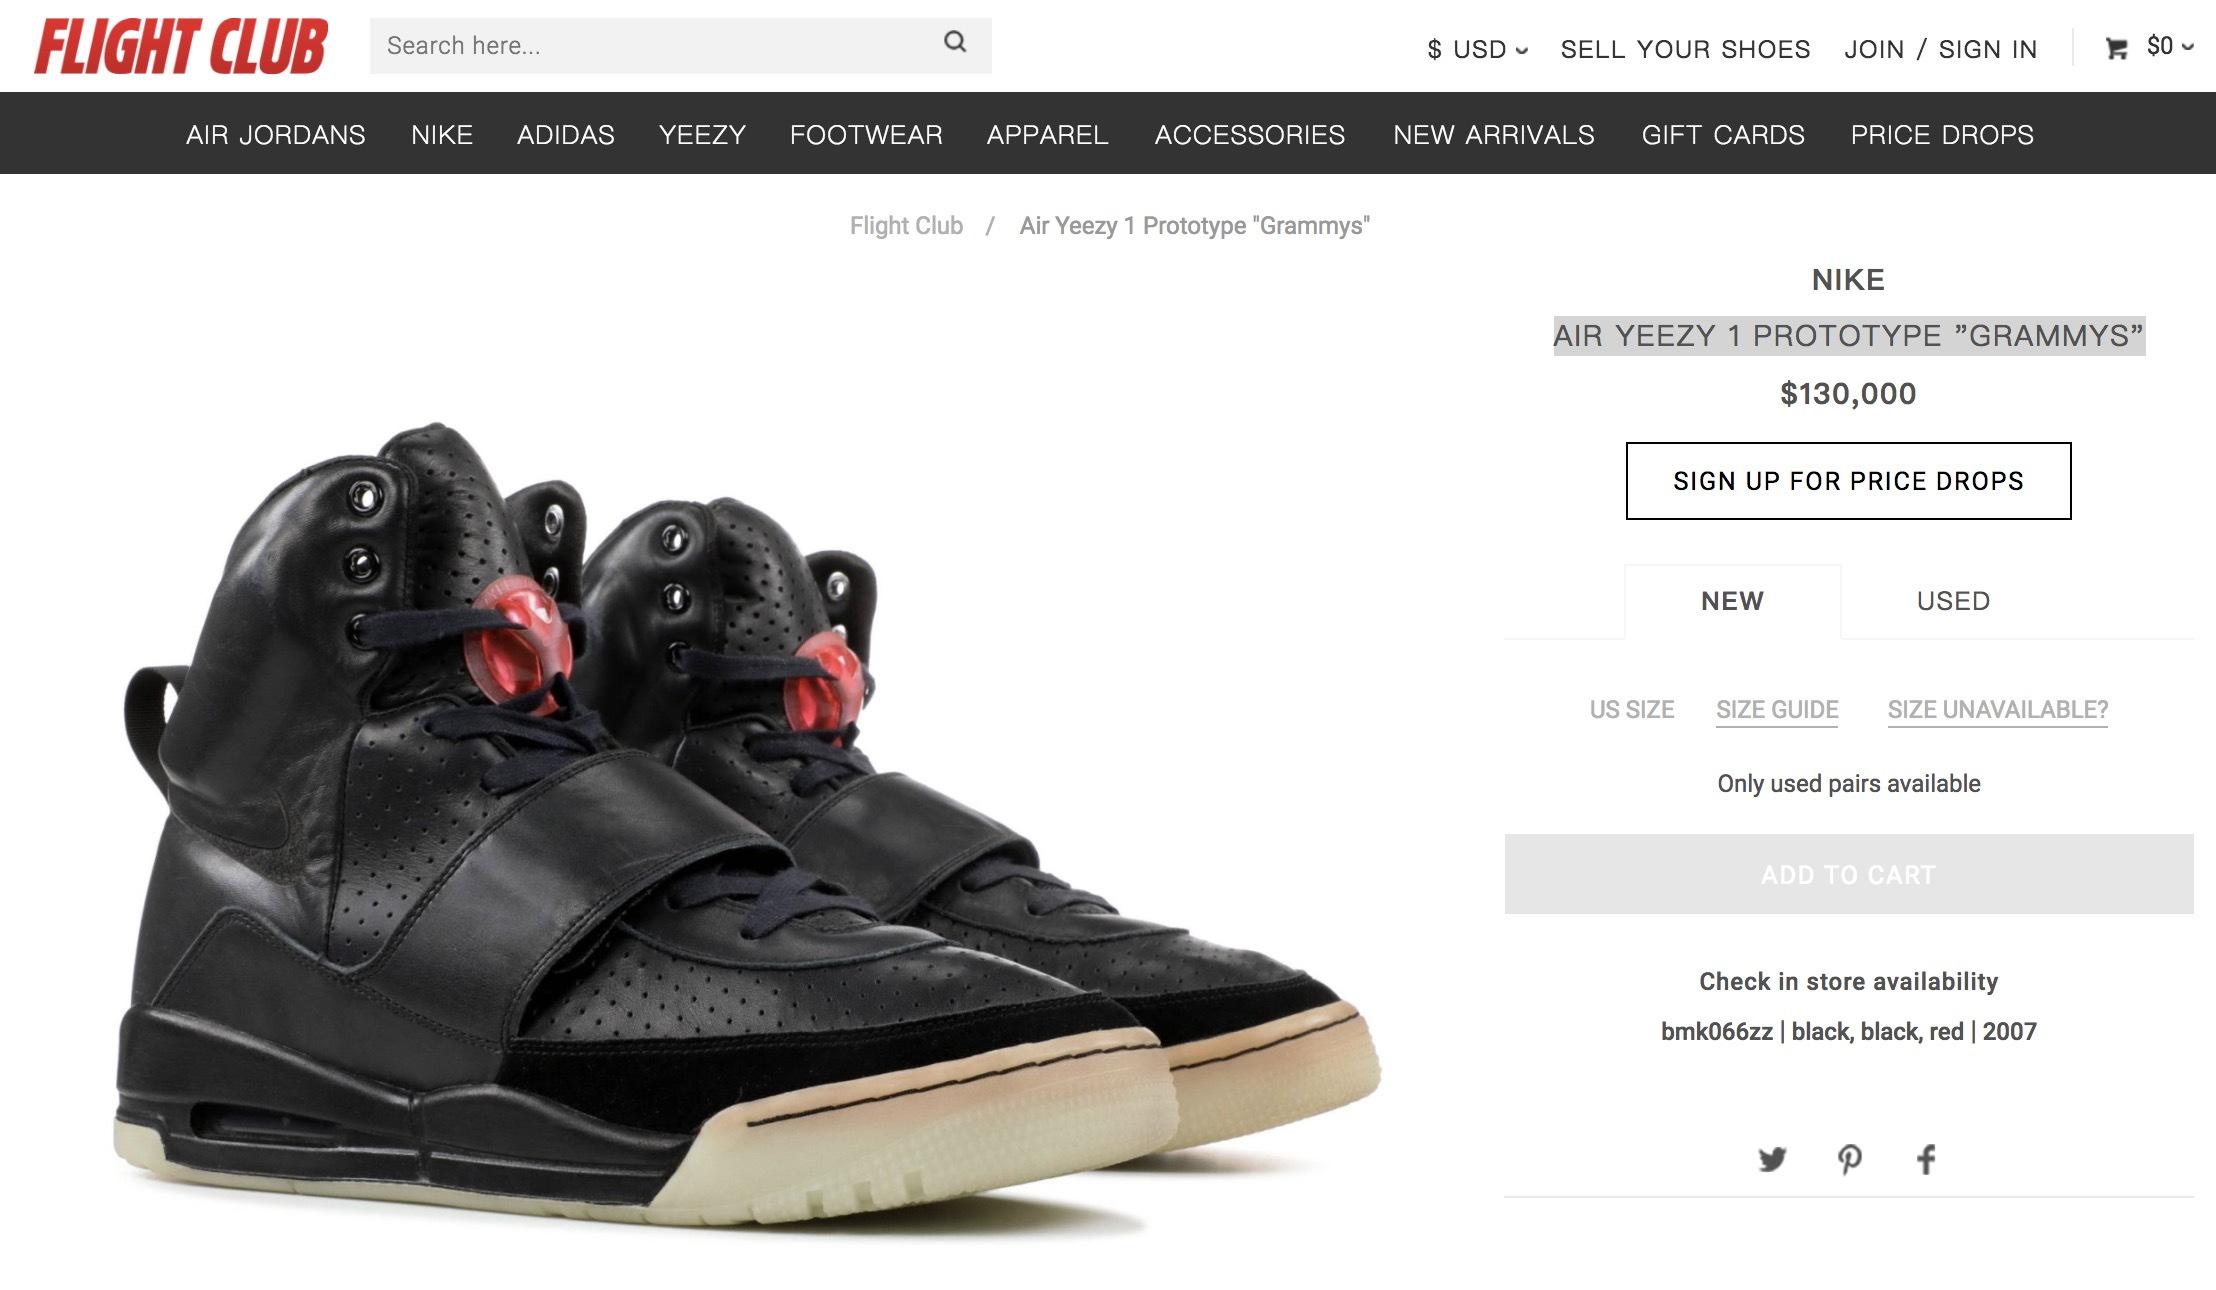 """95fcd1d23f2 ... 售""""GRAMMYS"""" 鞋款稀有程度可想而知!各位感兴趣的朋友不妨前往Flight Club  欣赏这双极其珍贵的鞋款,不过根据价格来看估计是一般人不能接受了!"""